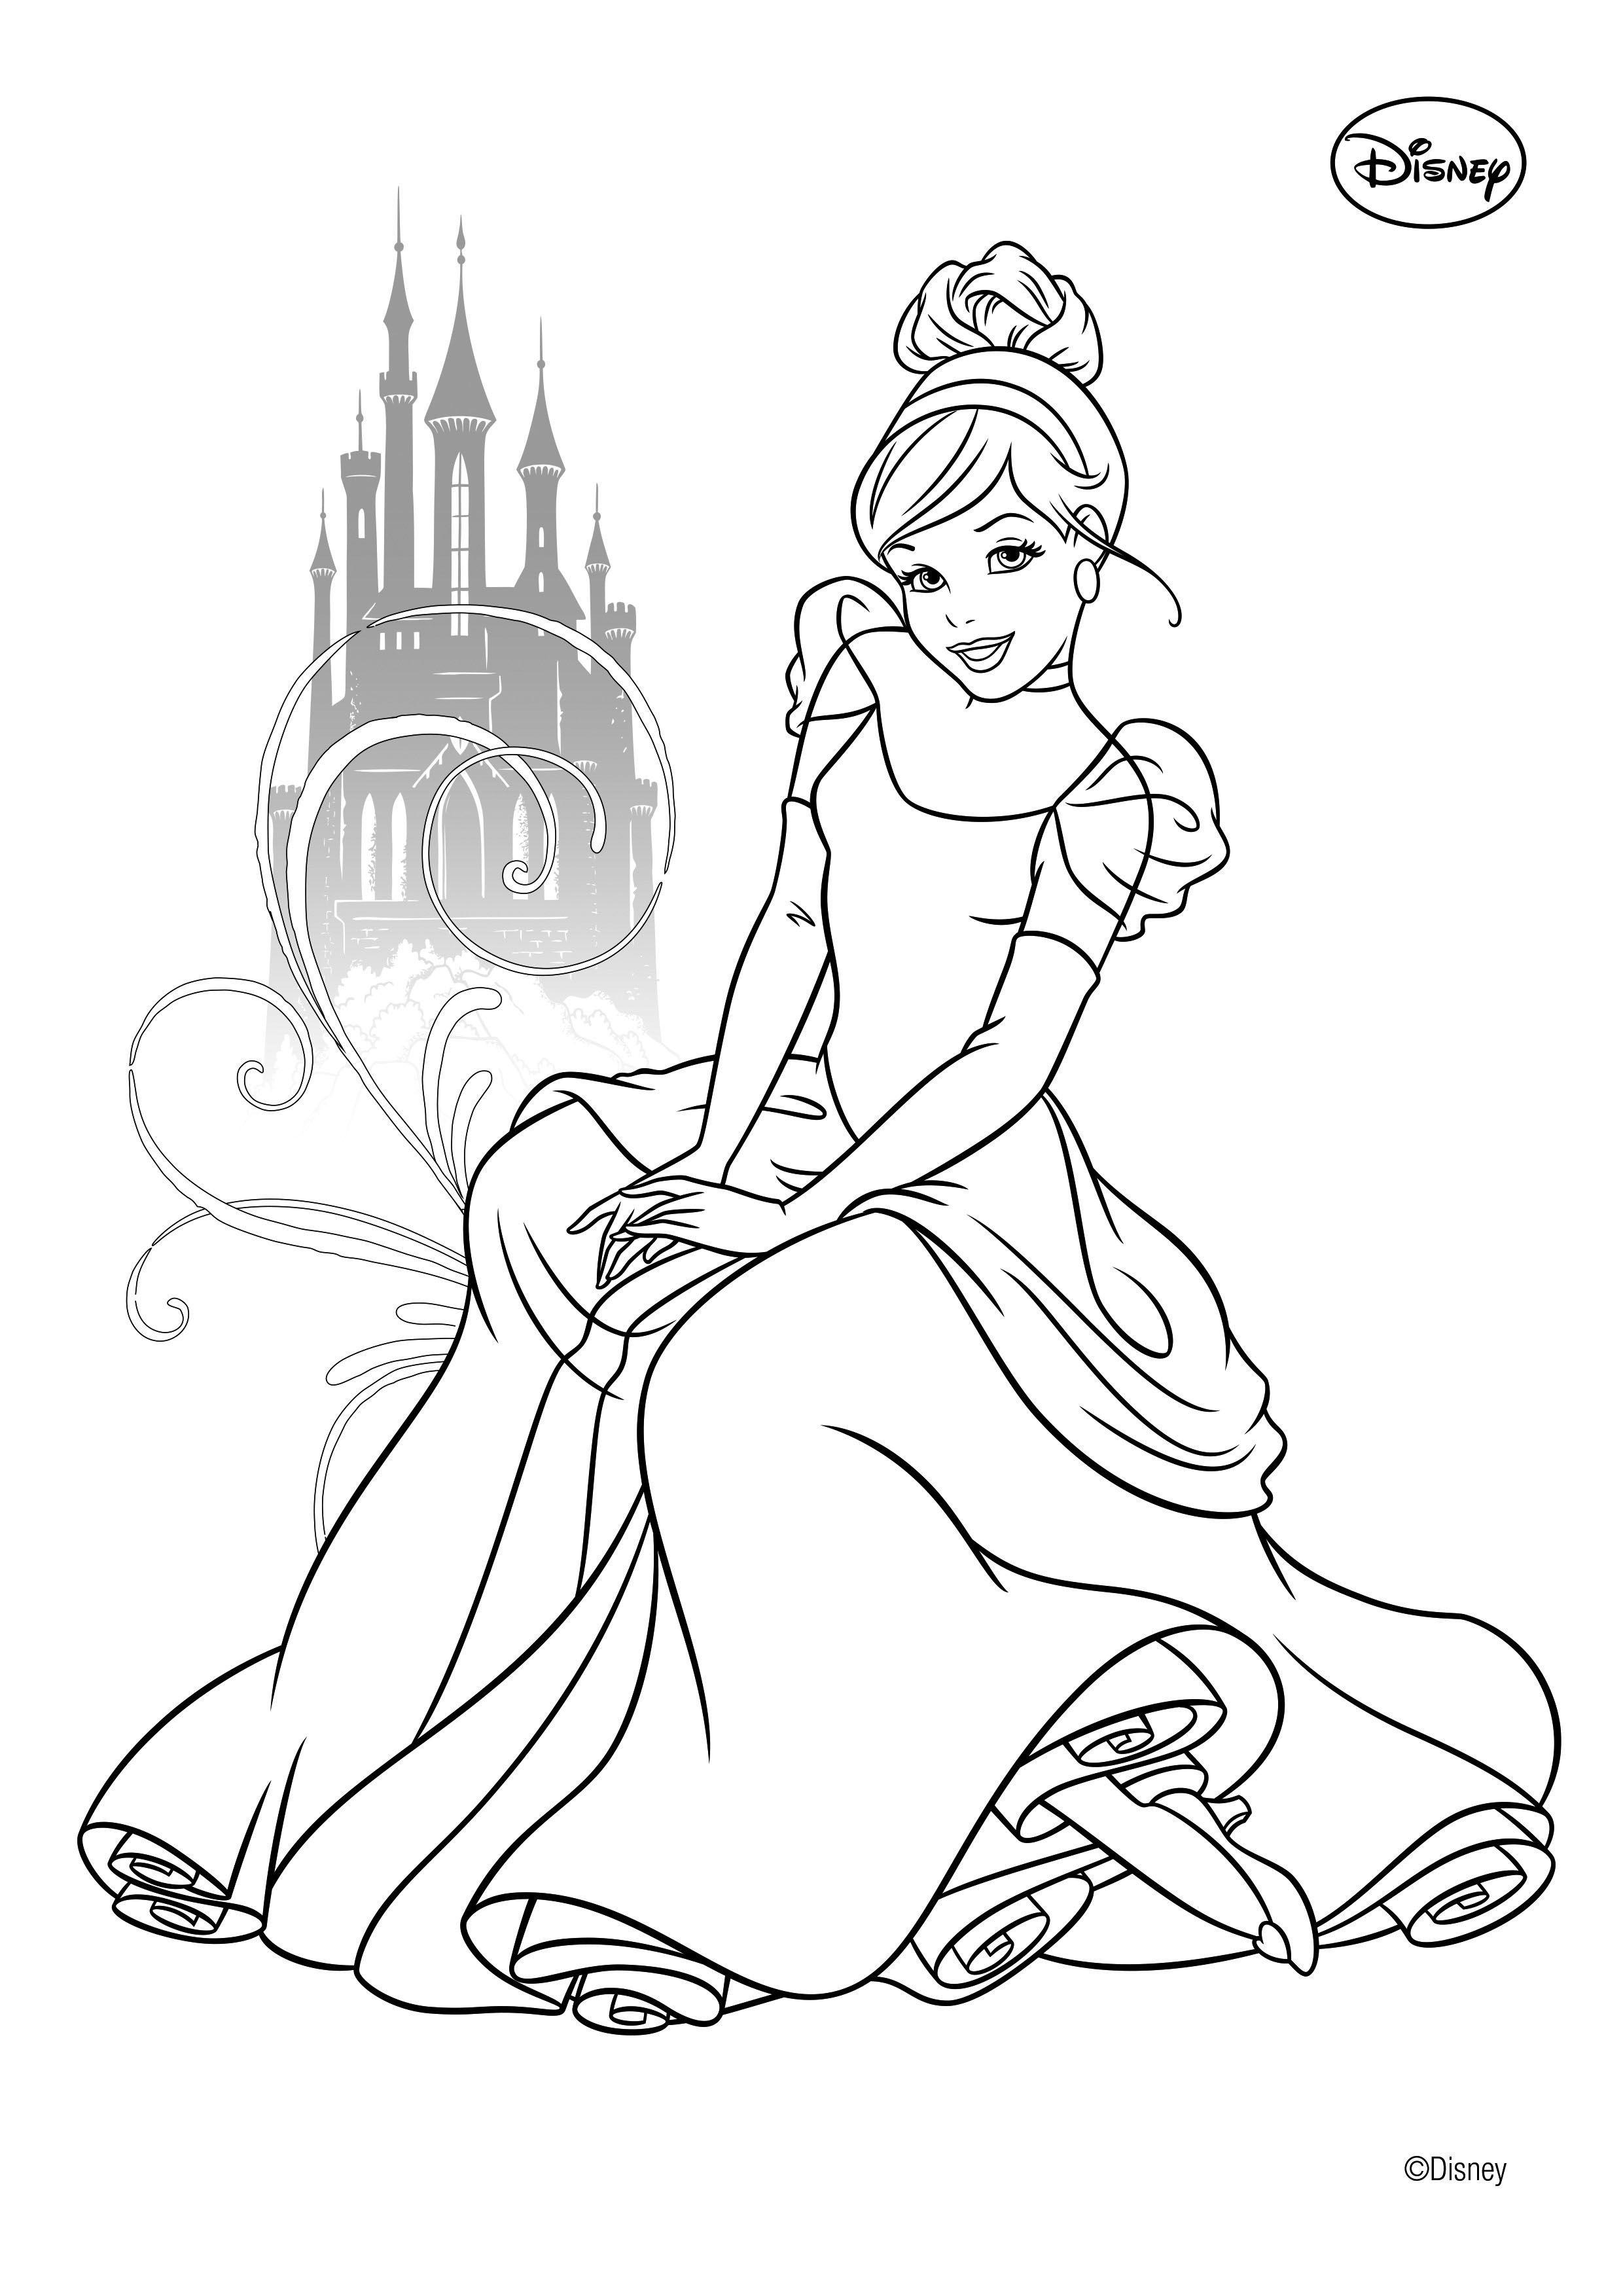 Ausmalbilder Herbst Igel : Blobservlet 2480 3508 Disney Coloring Pinterest